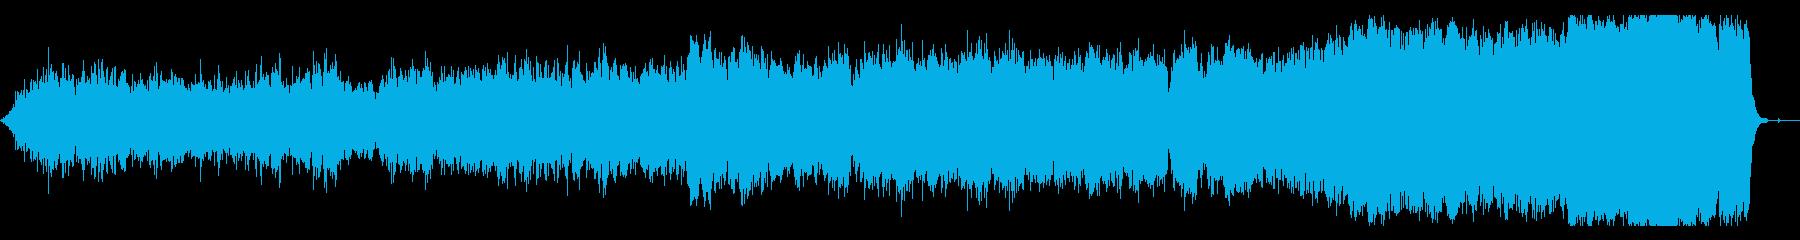 哀愁のあるメロディのオーケストラ曲の再生済みの波形